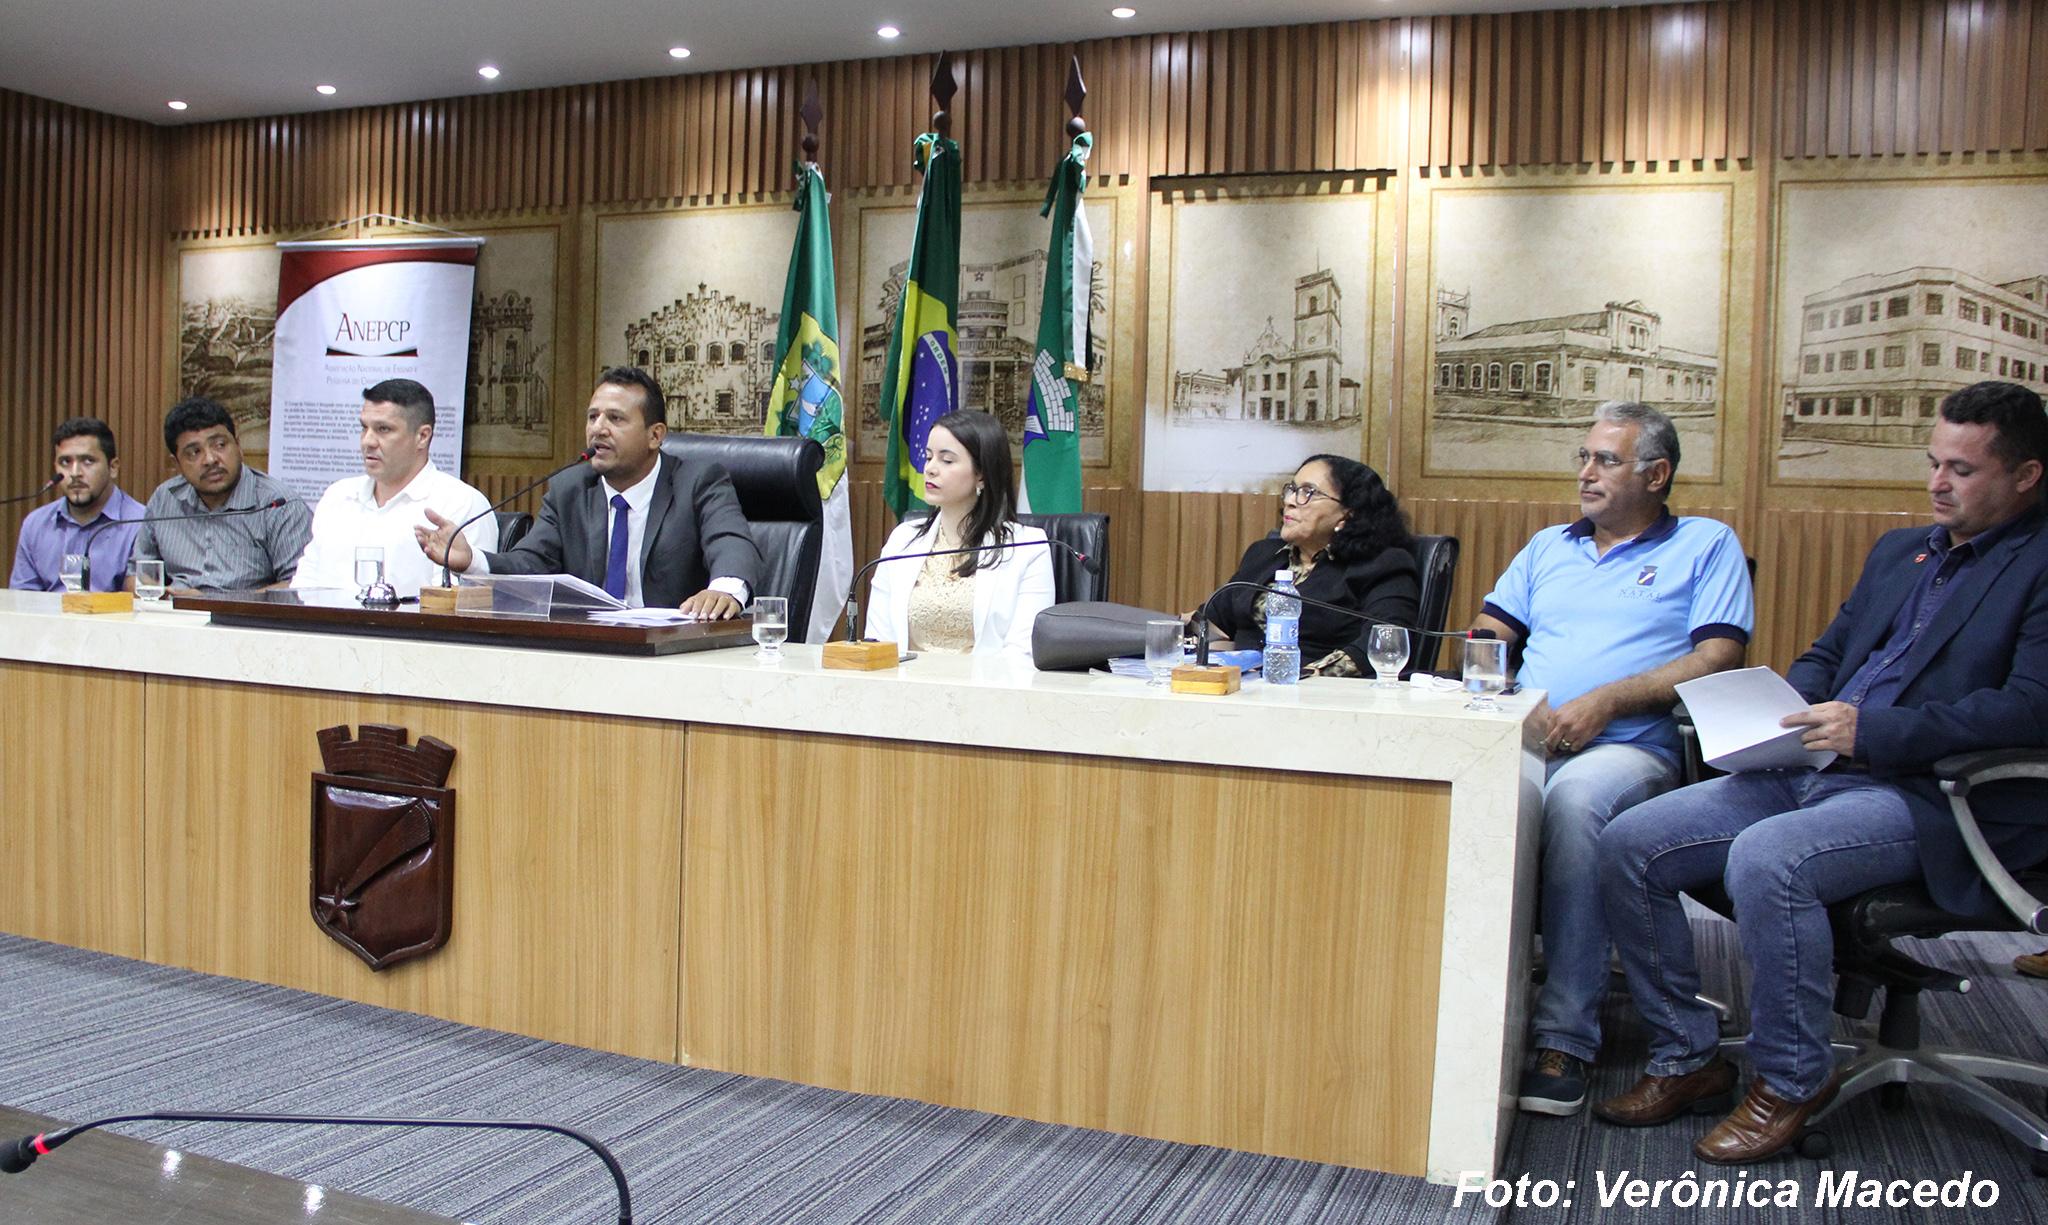 Câmara Municipal discute situação dos carroceiros em Natal